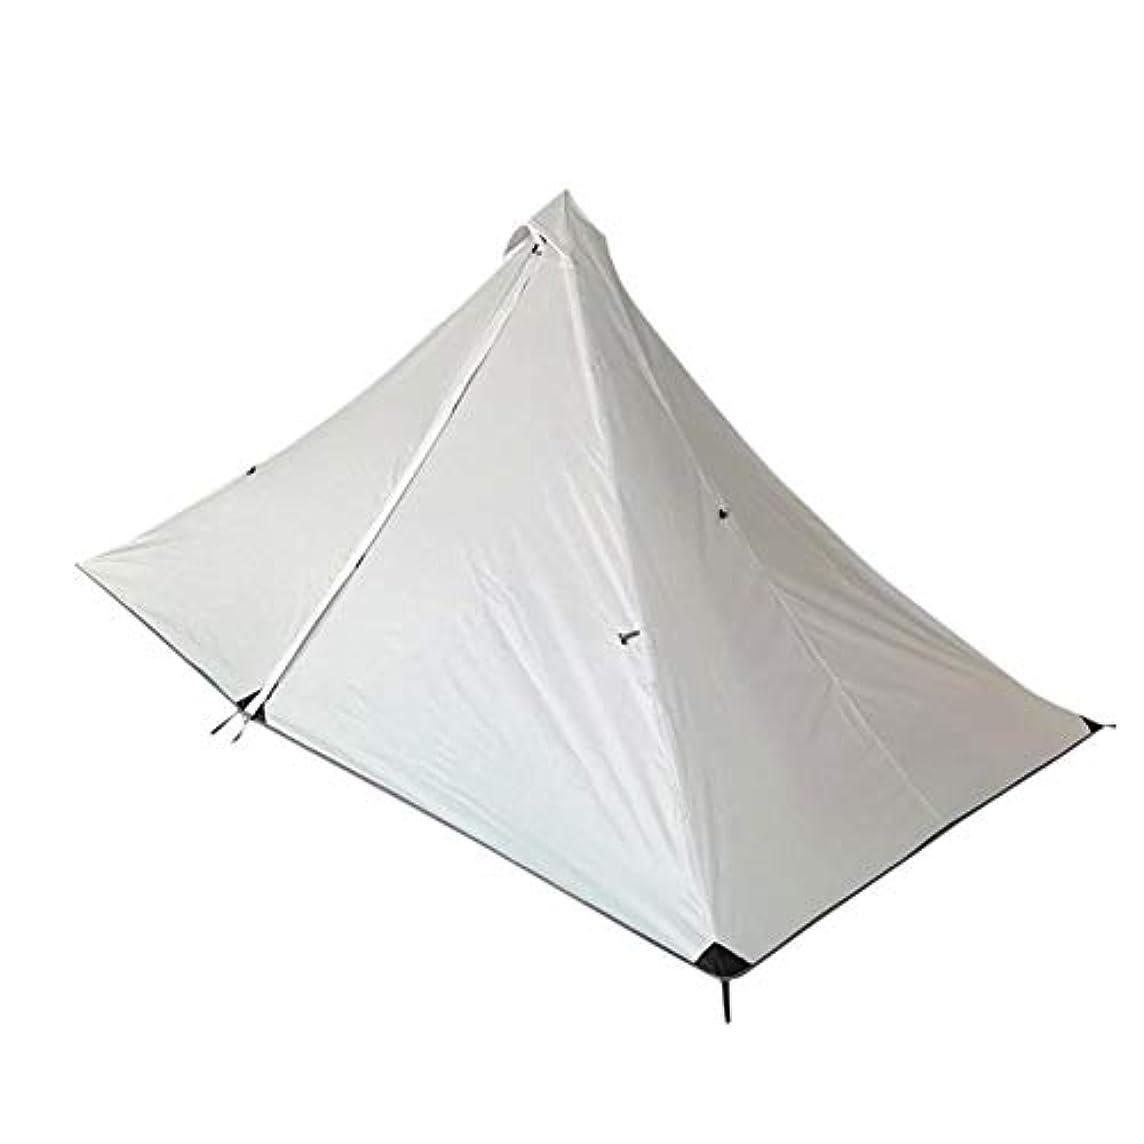 さておき提供する夫婦テント キャンプテント 非ポールピラミッドテント 超軽量 ポータブル 内部テント+外部テント+ウィンドロープ+グラウンド爪 1人用 2 色